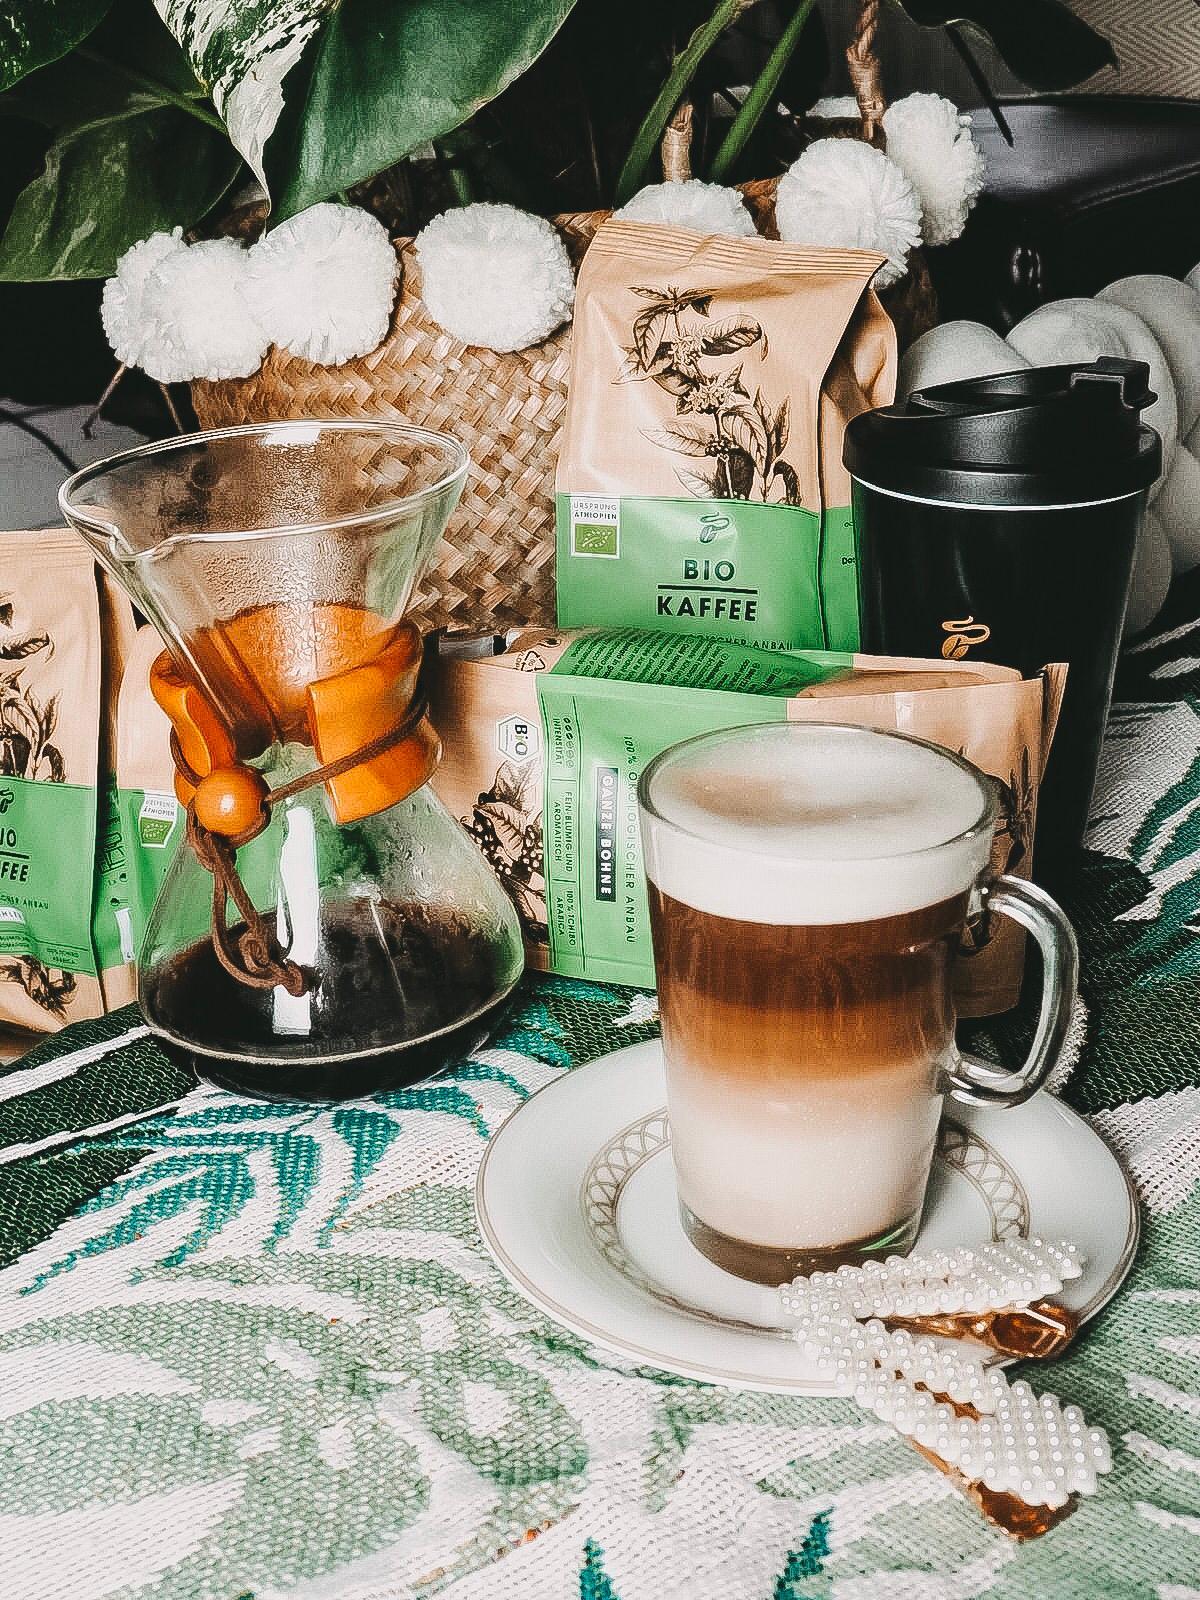 Der Bio Kaffee von Tchibo hat das Bio Siegel und ist Rainforest Alliance Certified